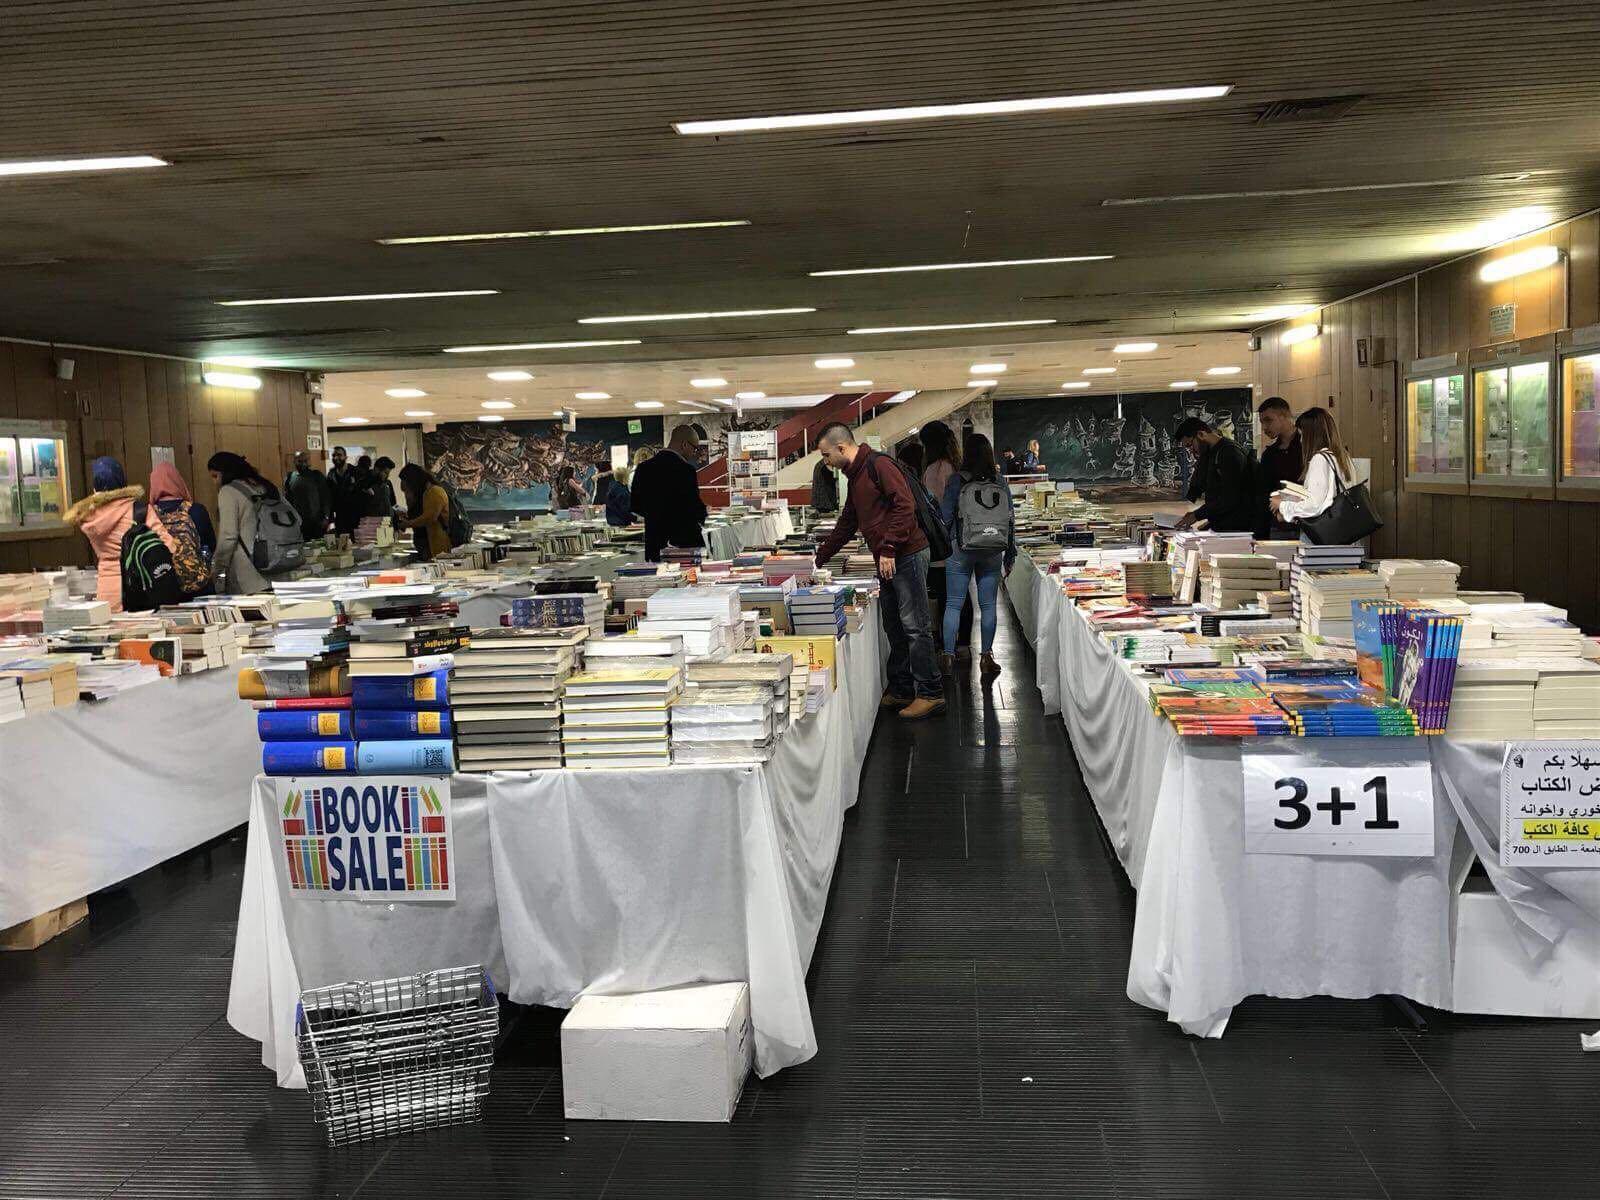 إقبال واسع على معرض الكتاب العربيّ في جامعة حيفا